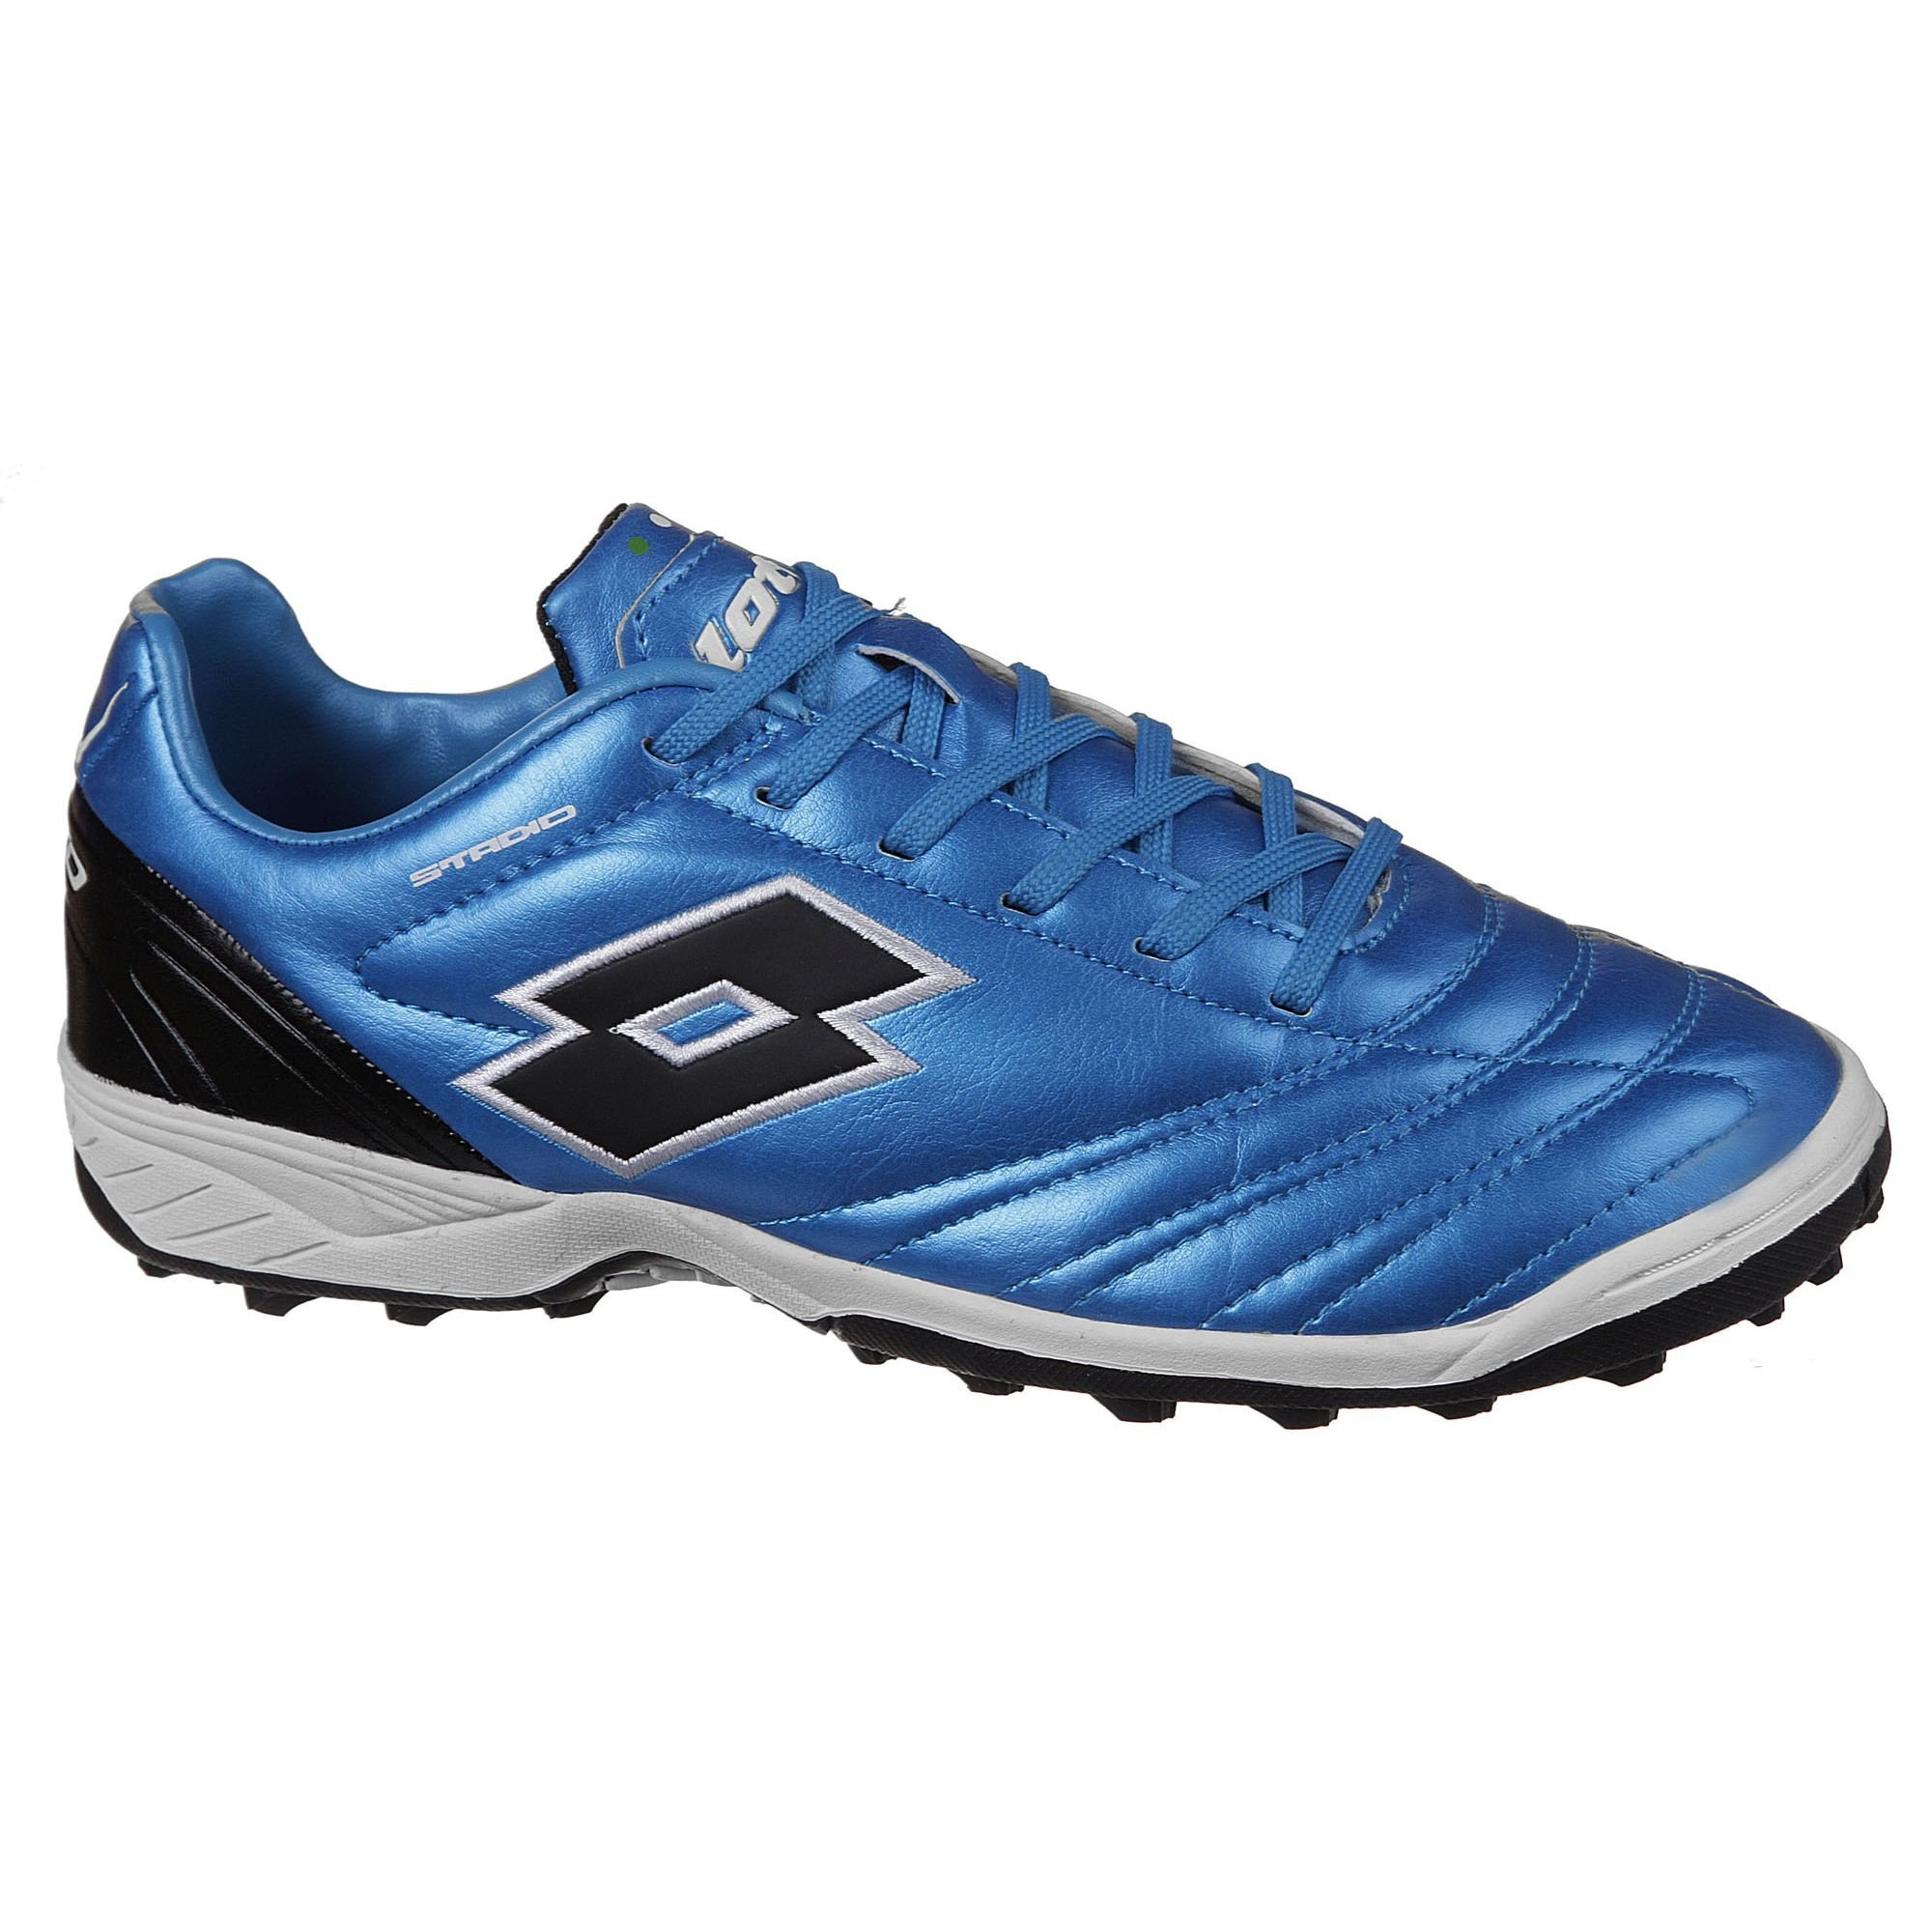 Chaussures De Loto Bleu Pour Les Hommes Zvlng